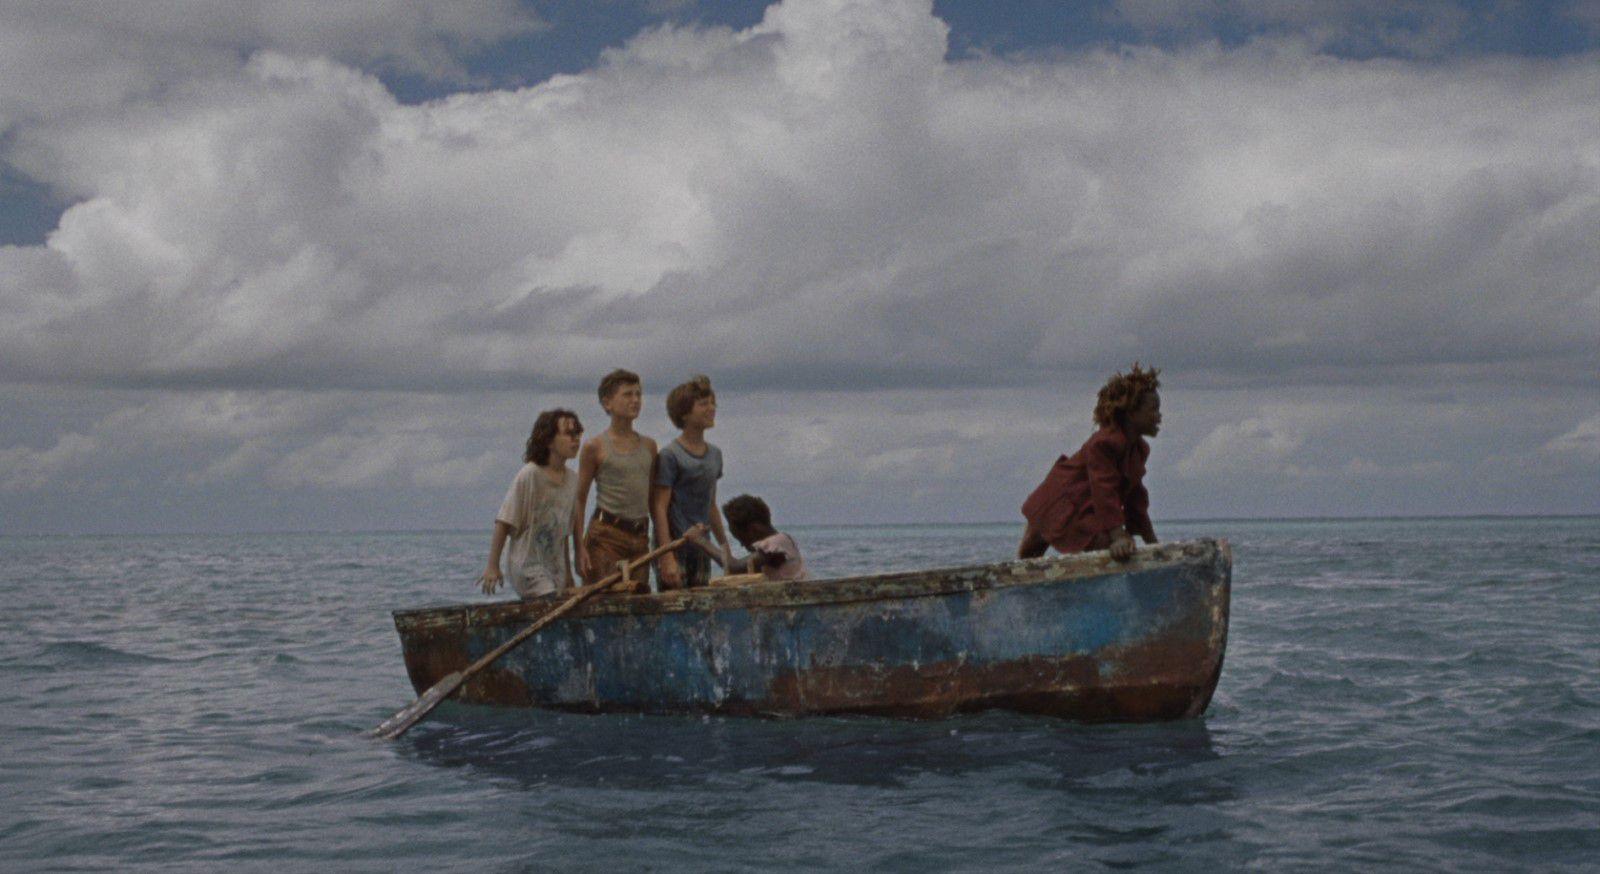 Wendy (BANDE-ANNONCE) avec Devin France, Yashua Mack, Gage Naquin - Le 23 décembre 2020 au cinéma